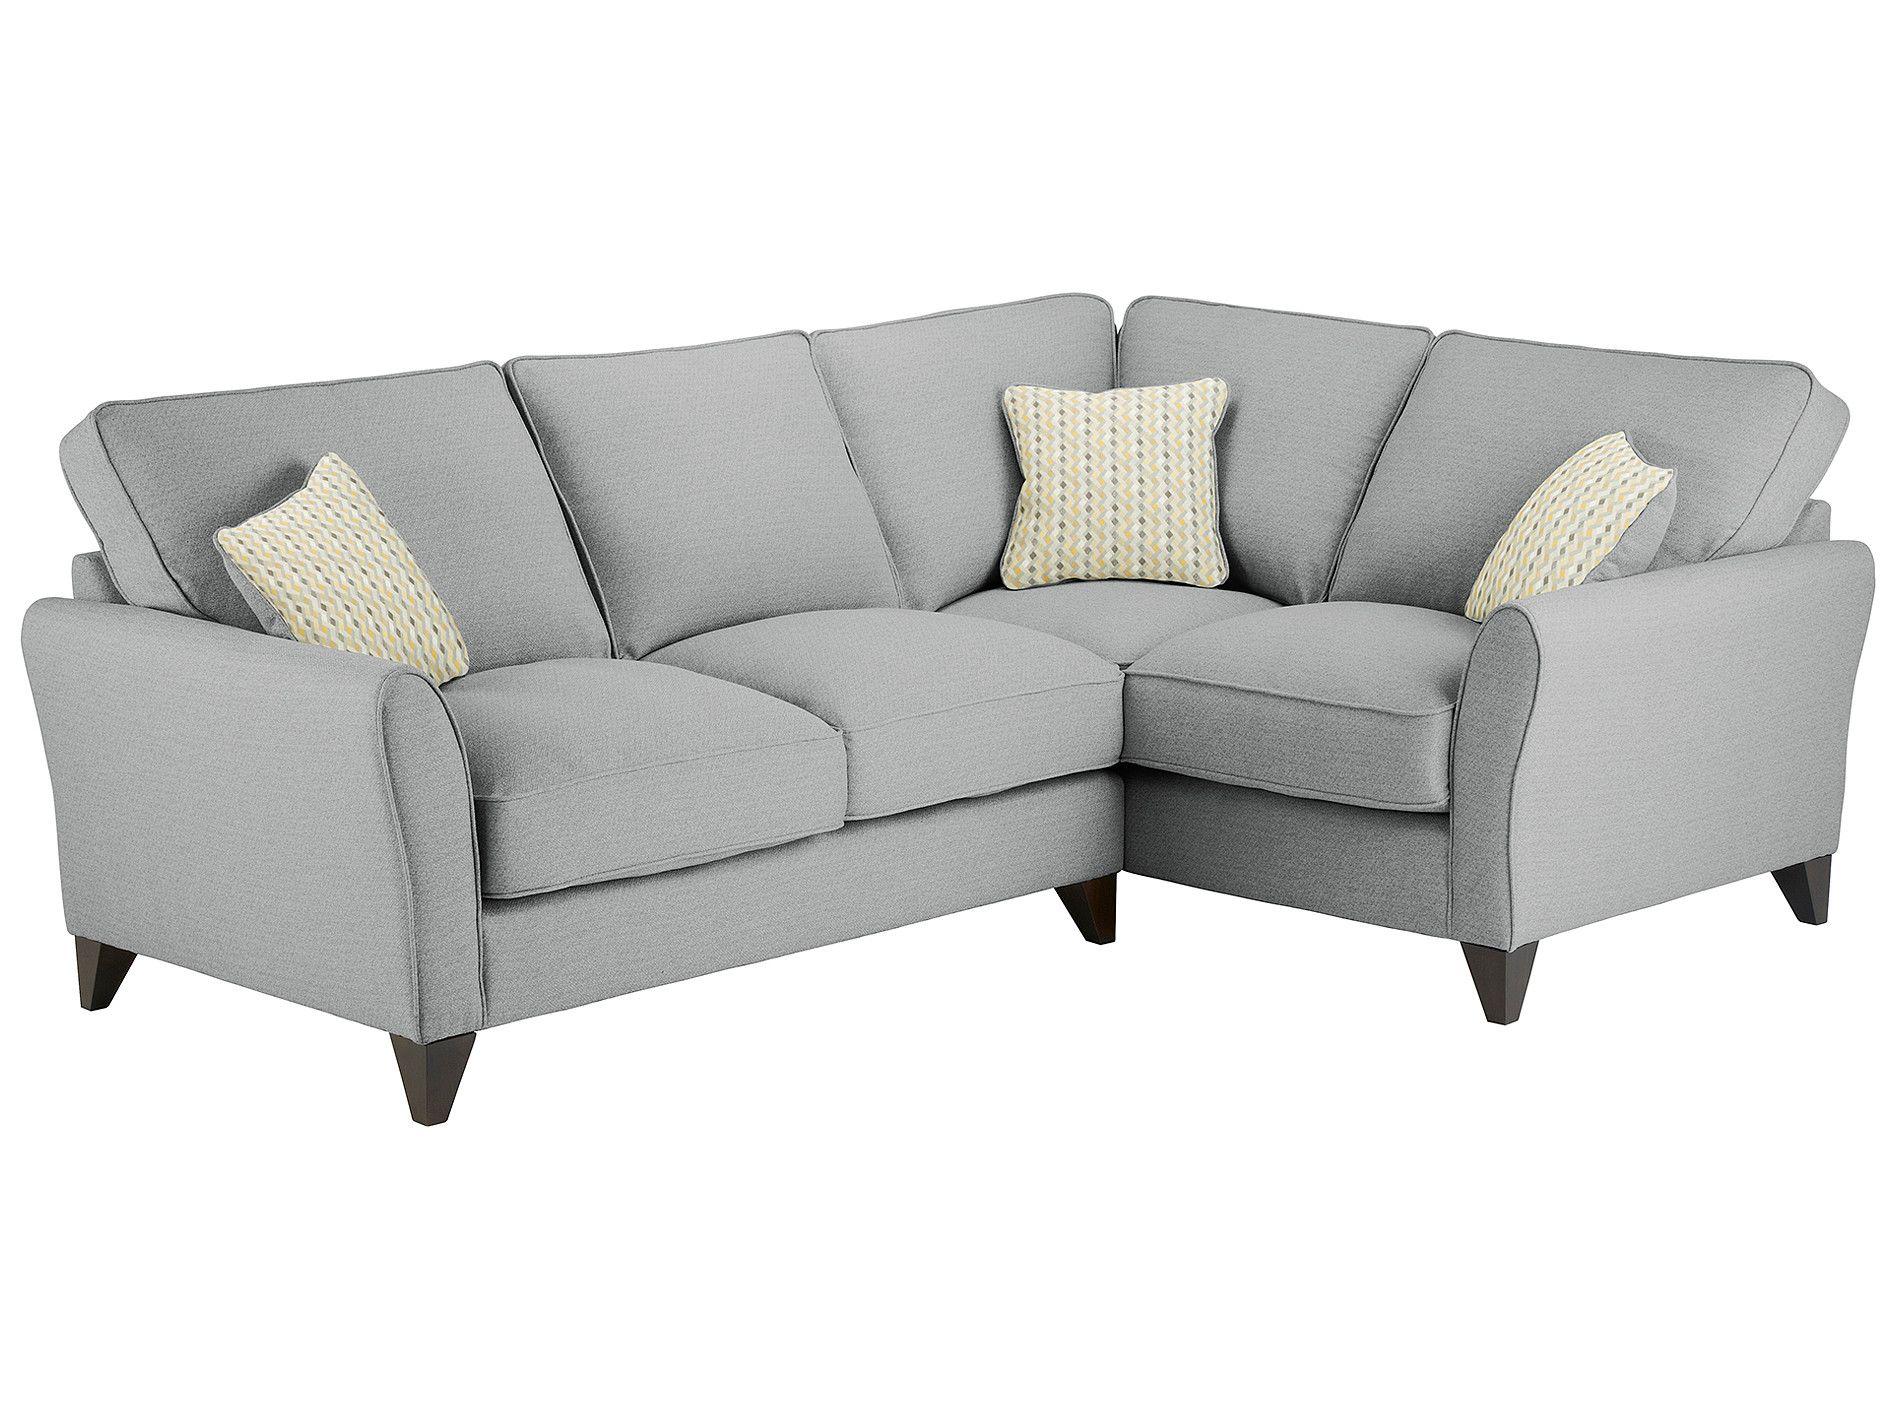 St Ives Corner Sofa Right Facing In Arezzo Silver Corner Sofa Sofa Furniture